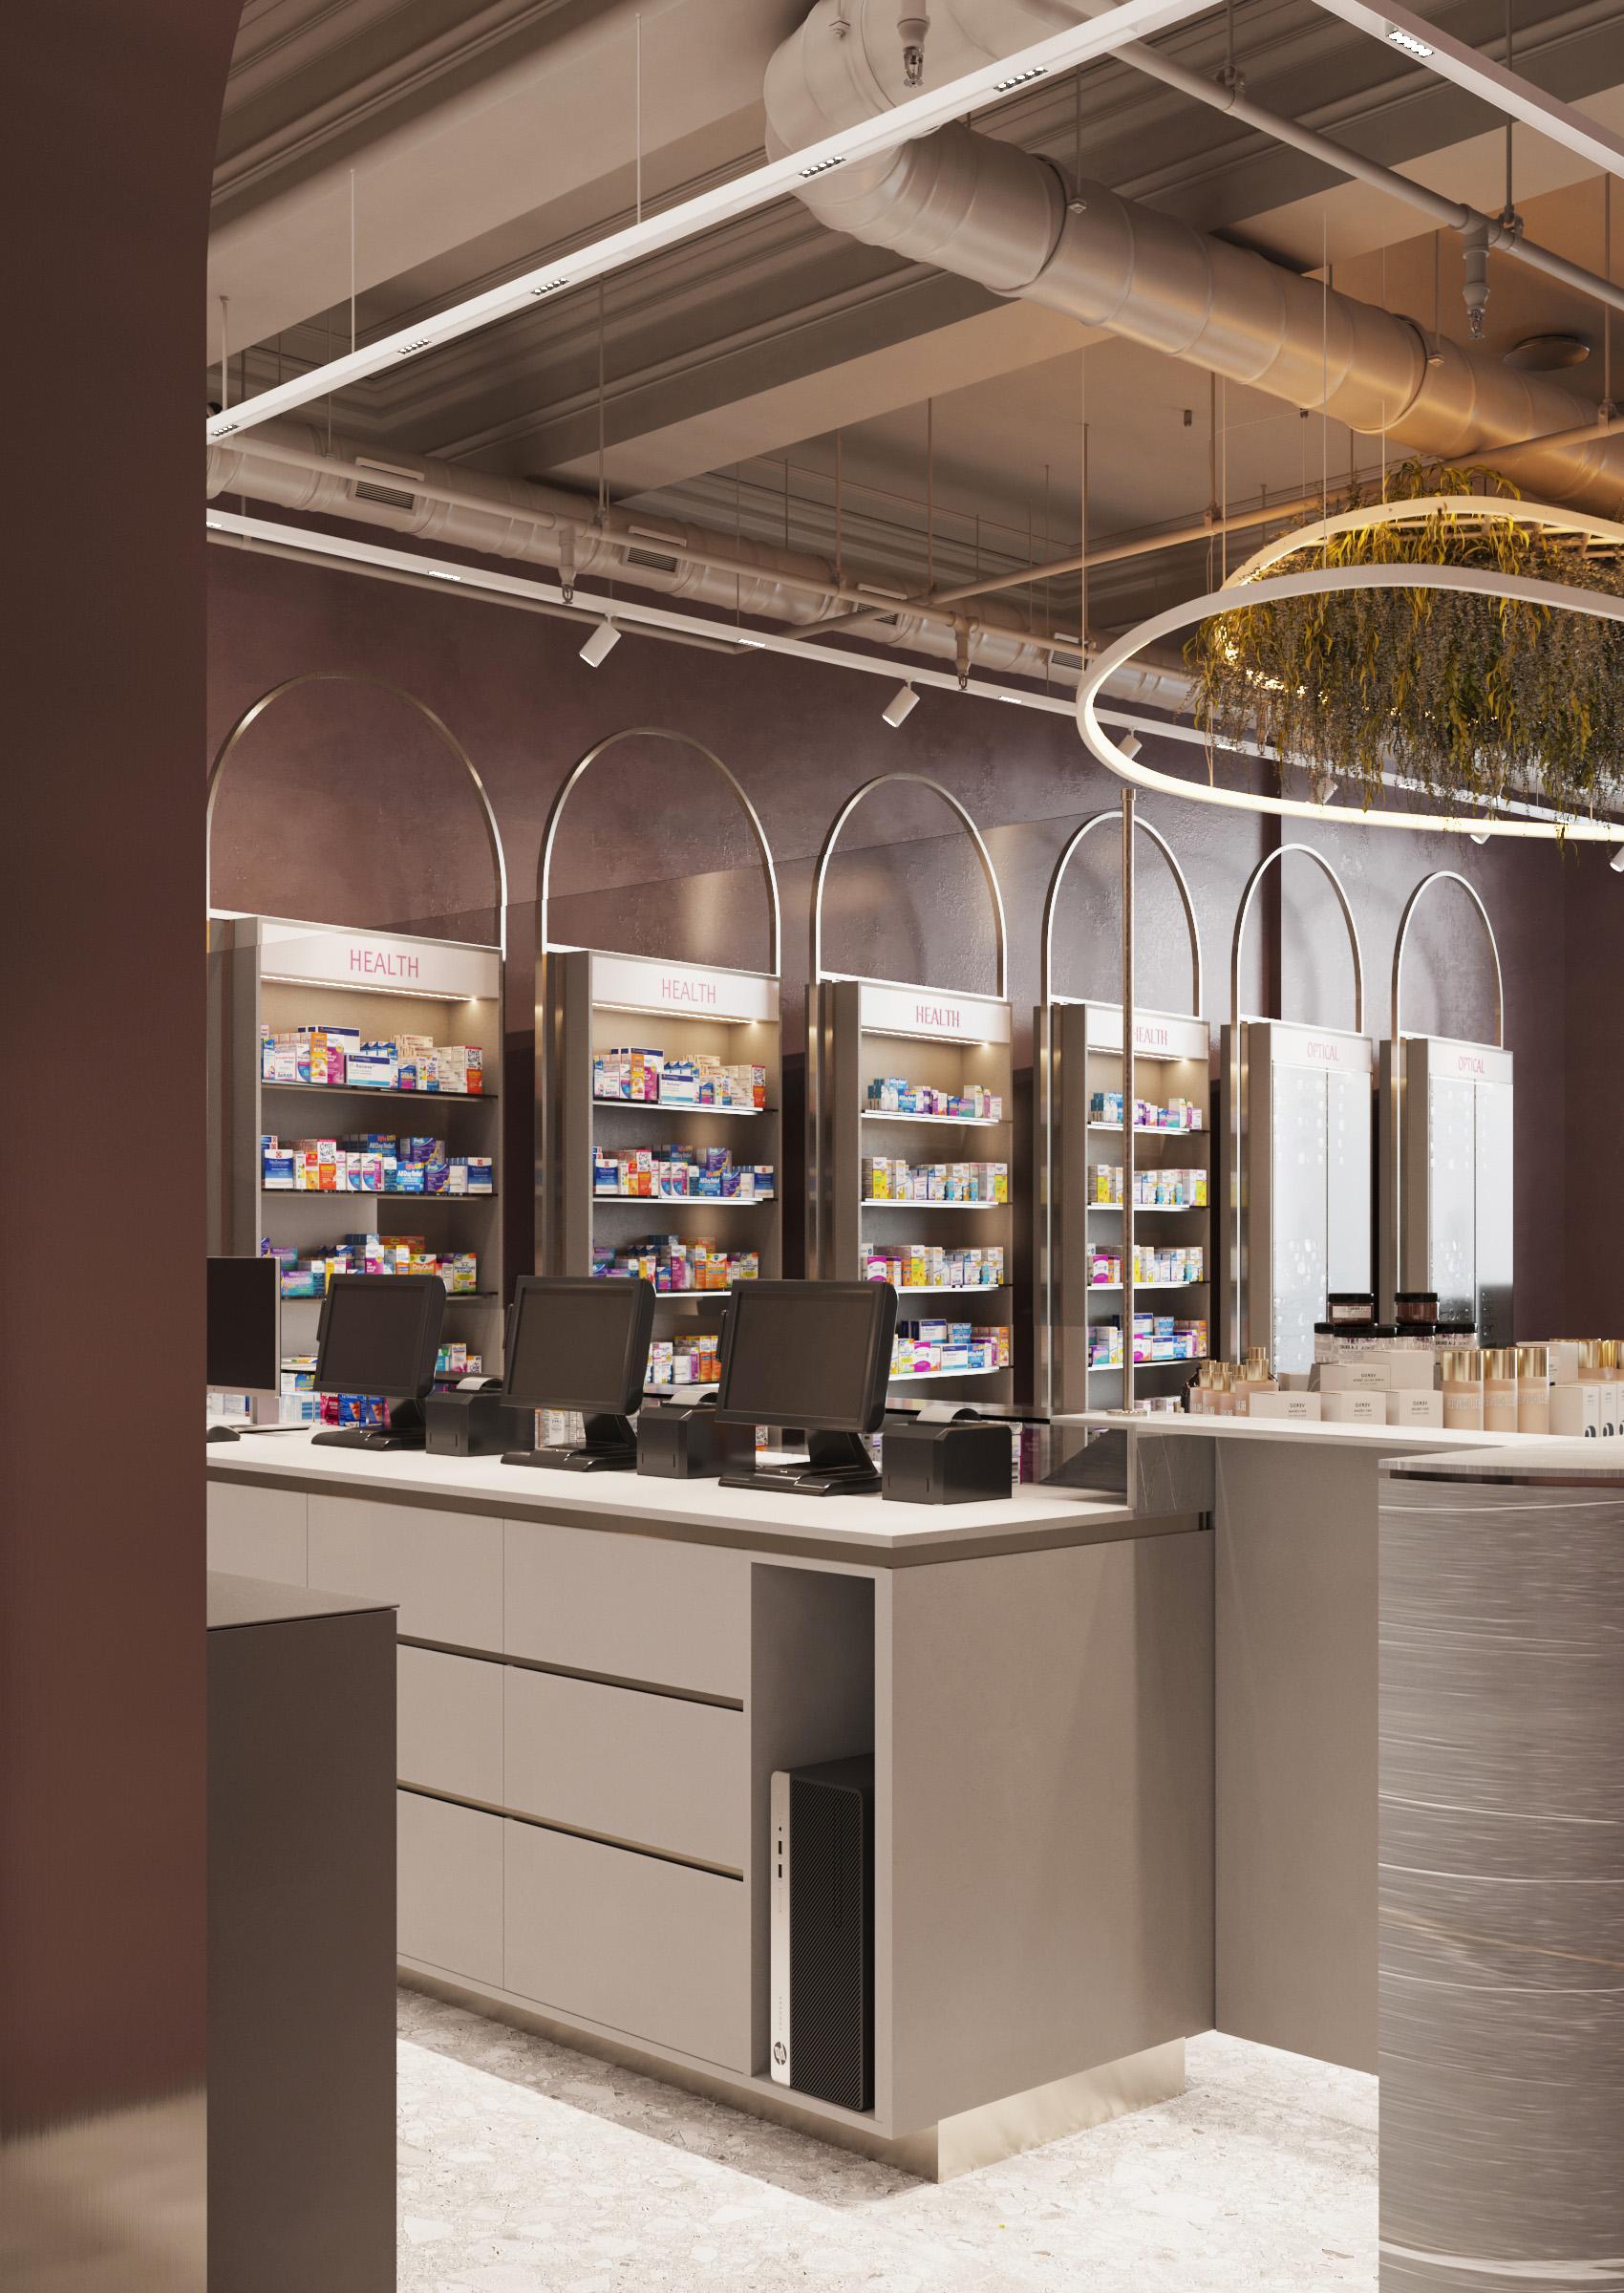 Design de interior pentru farmacie, amenajare eleganta cu clasicul pastrat, ab+partners